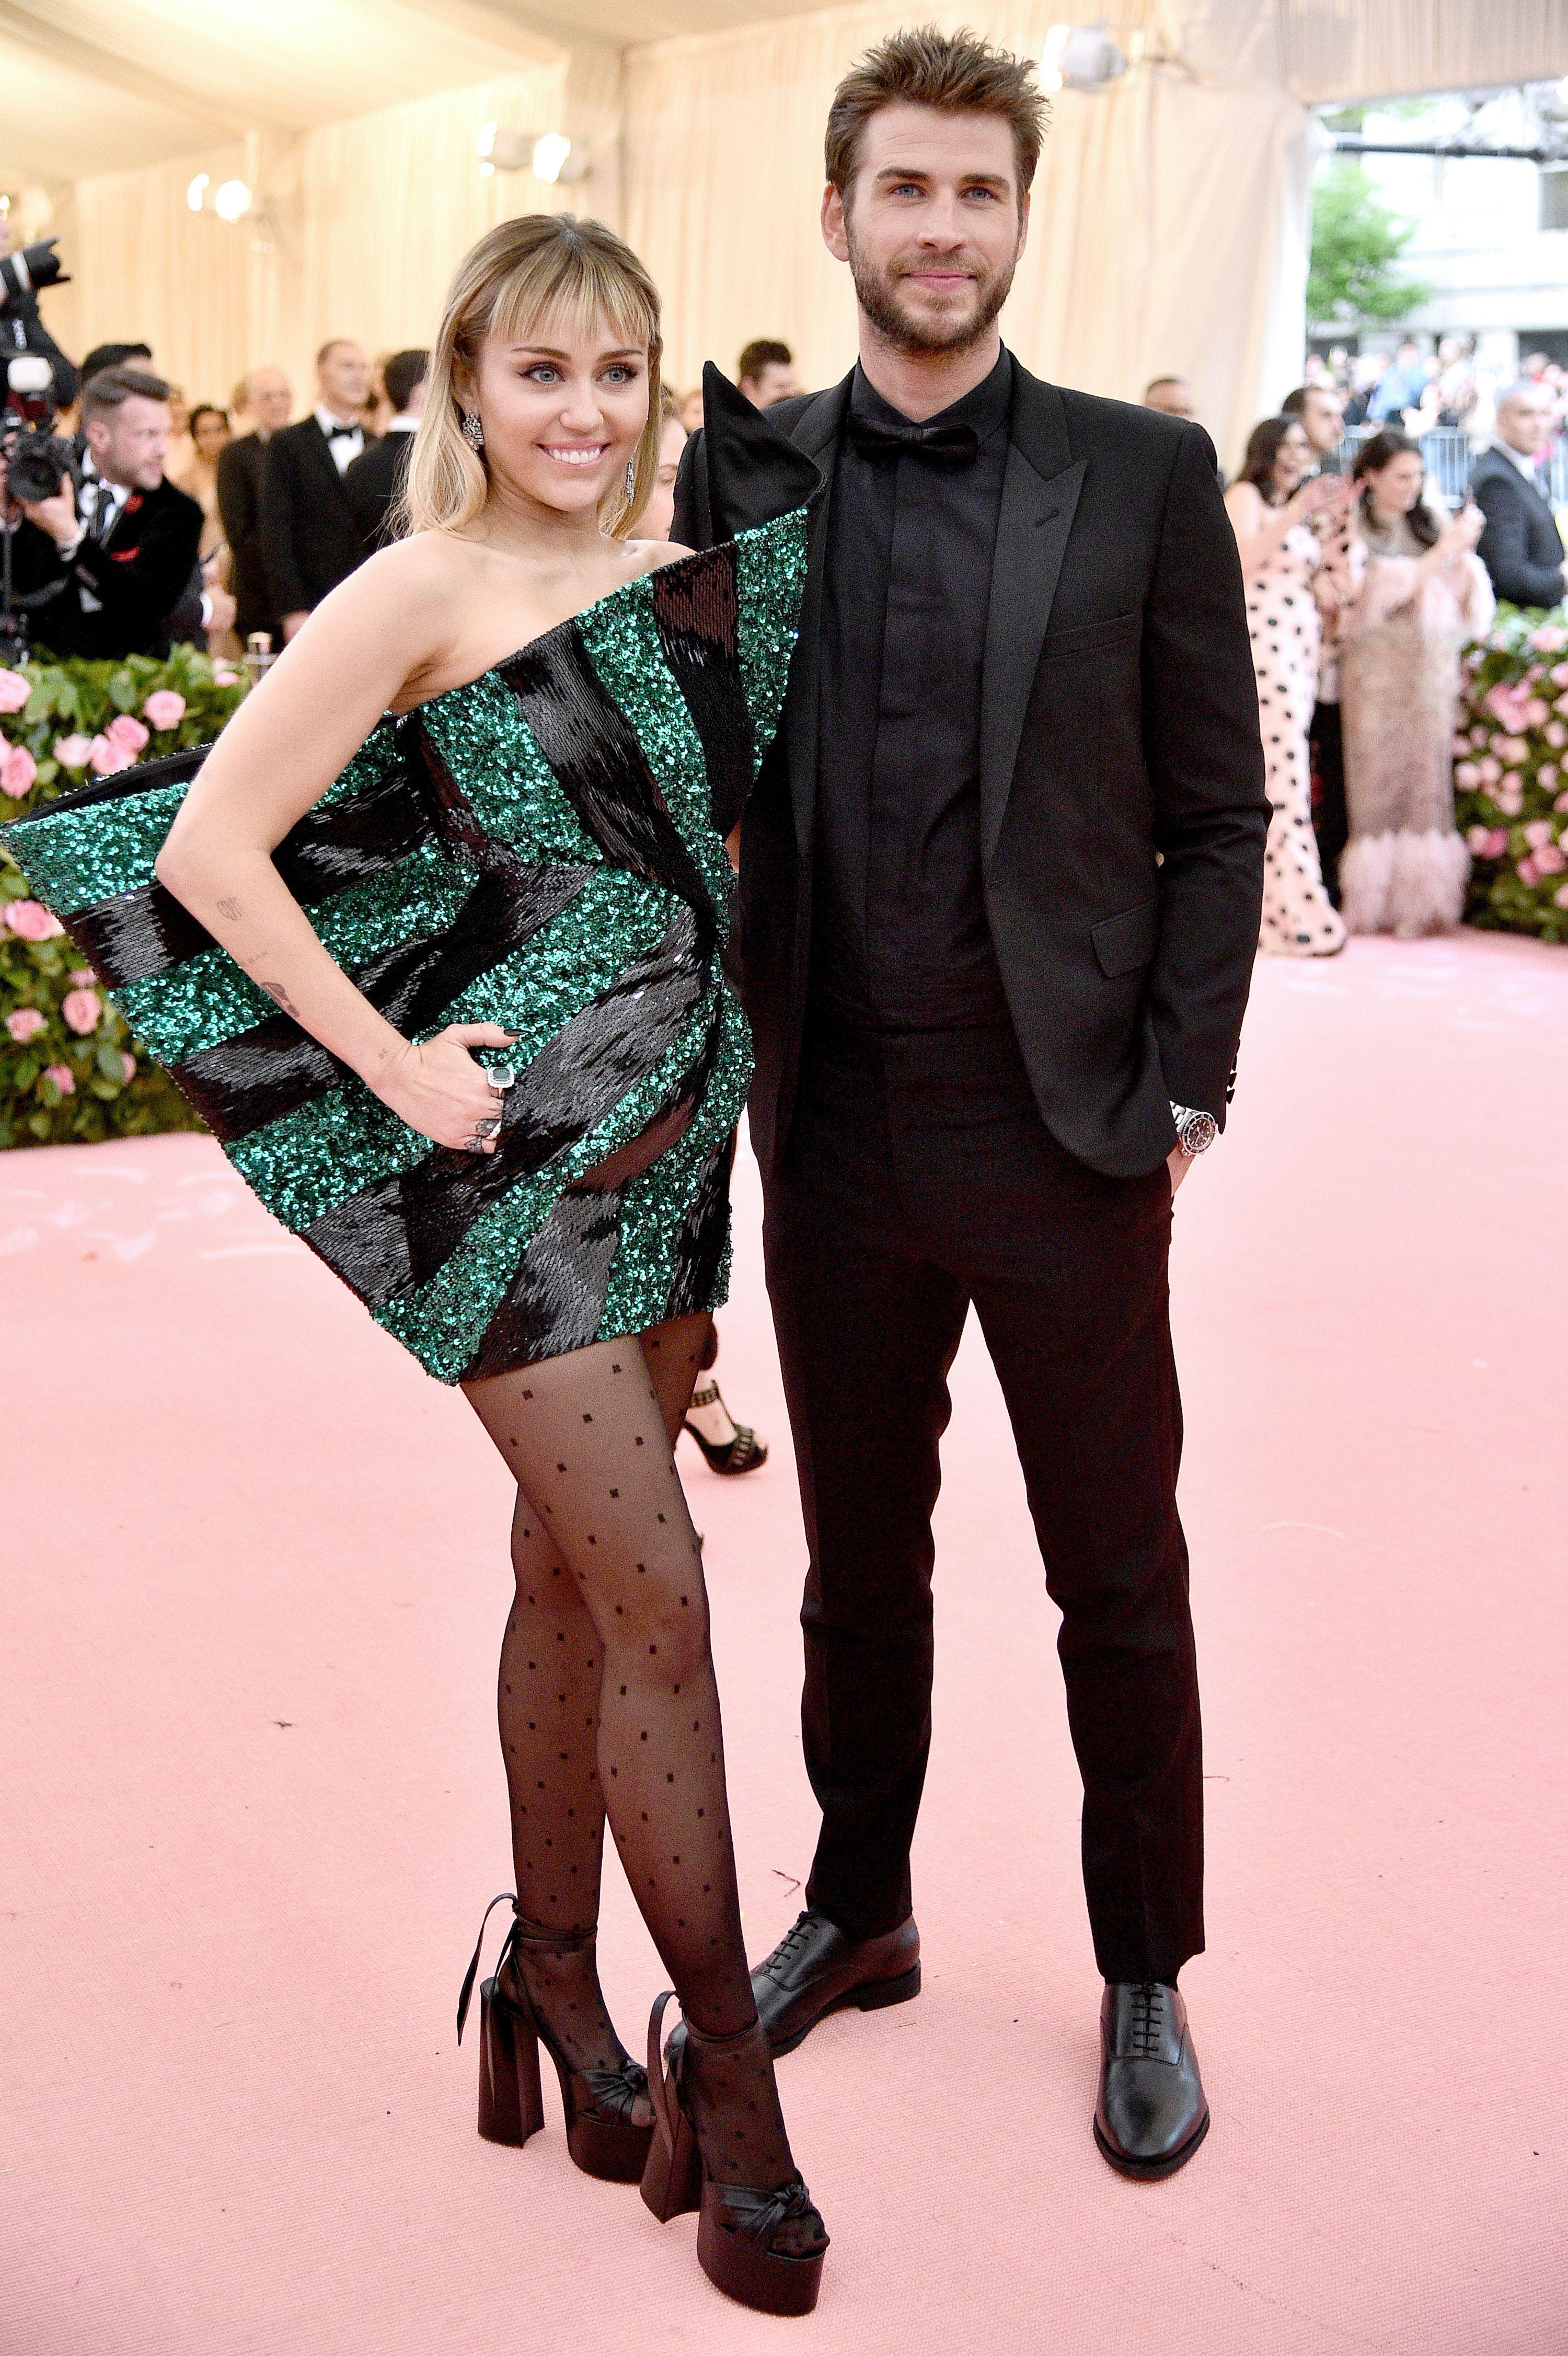 som er dating som Liam Hemsworth dating en mannlig ballettdanser